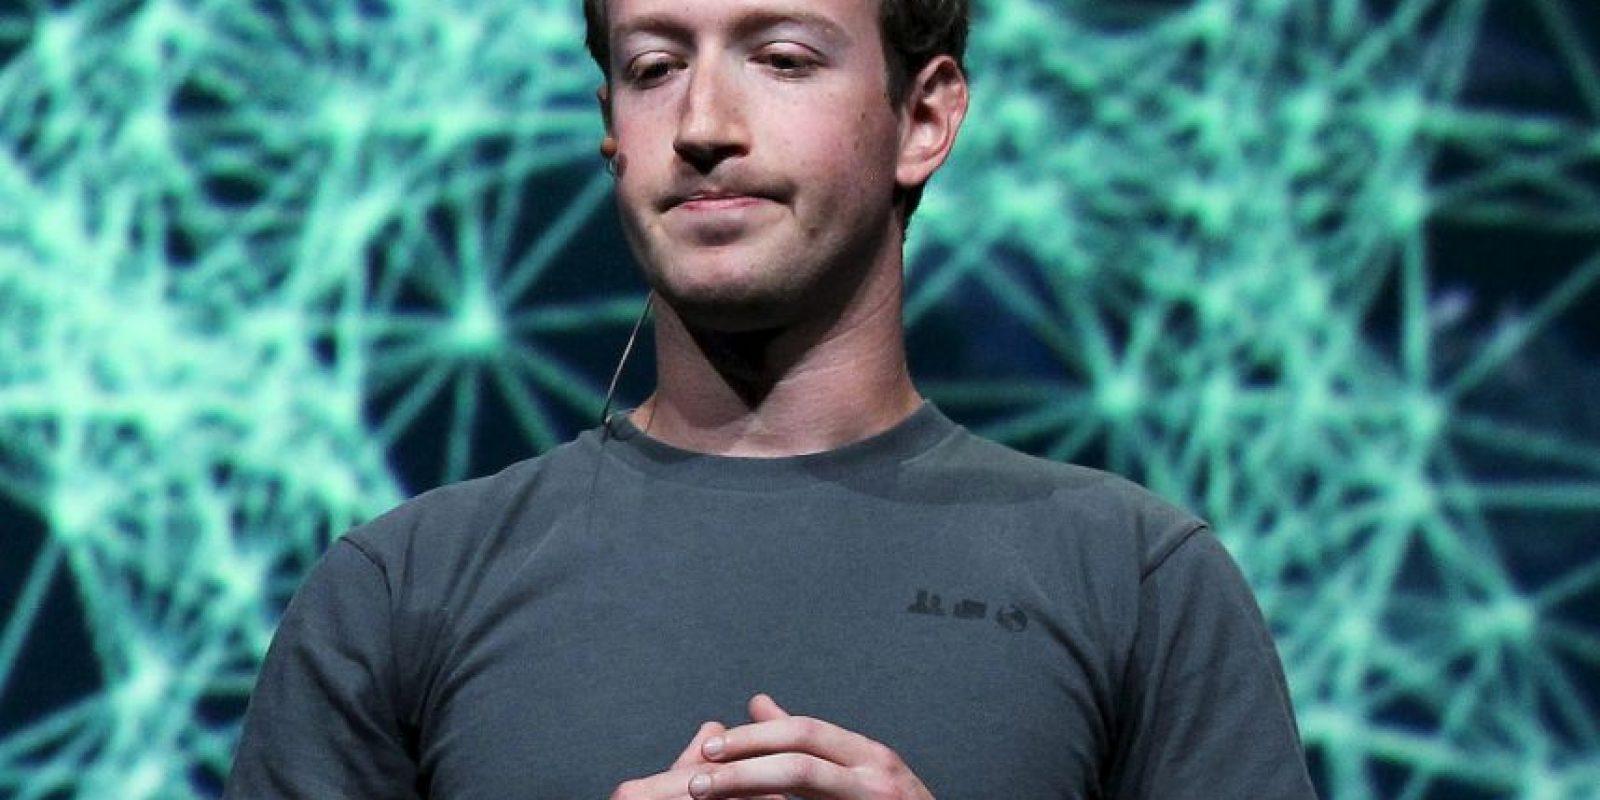 Mark Zuckerberg anunció la creación de un nuevo centro de datos para su iniciativa Internet.org Foto:Getty Images